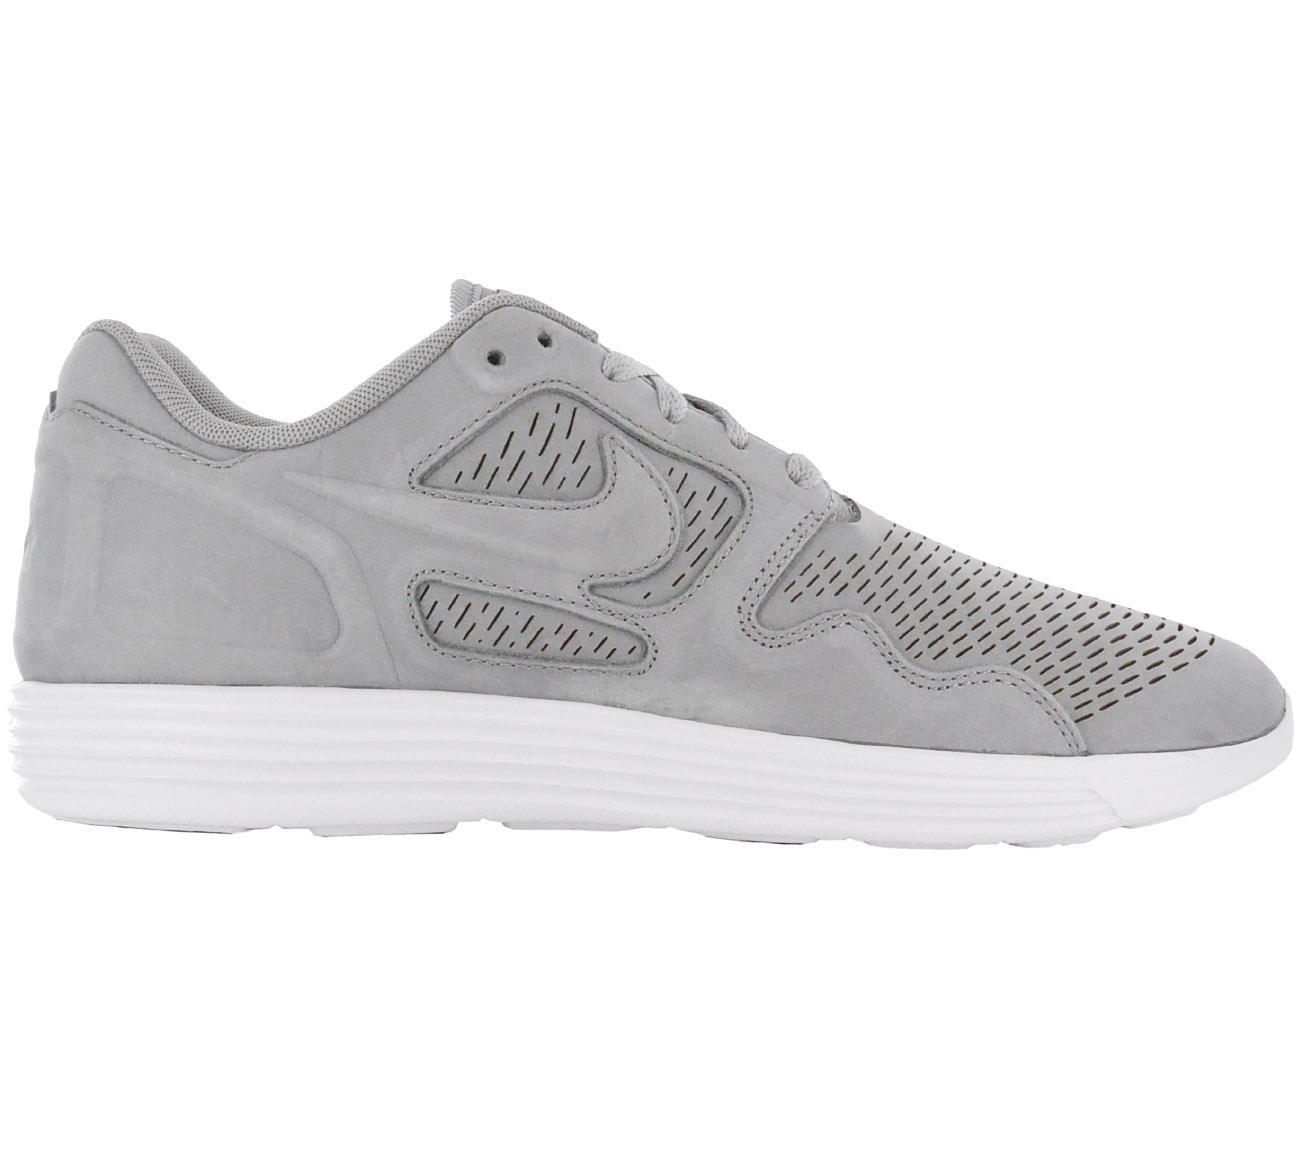 lowest price 043f6 c73ad ... Nike calcetines cortos lunar Flow LSR PRM PRM PRM premium Zapatos Cuero  zapatillas de deporte nuevo ...